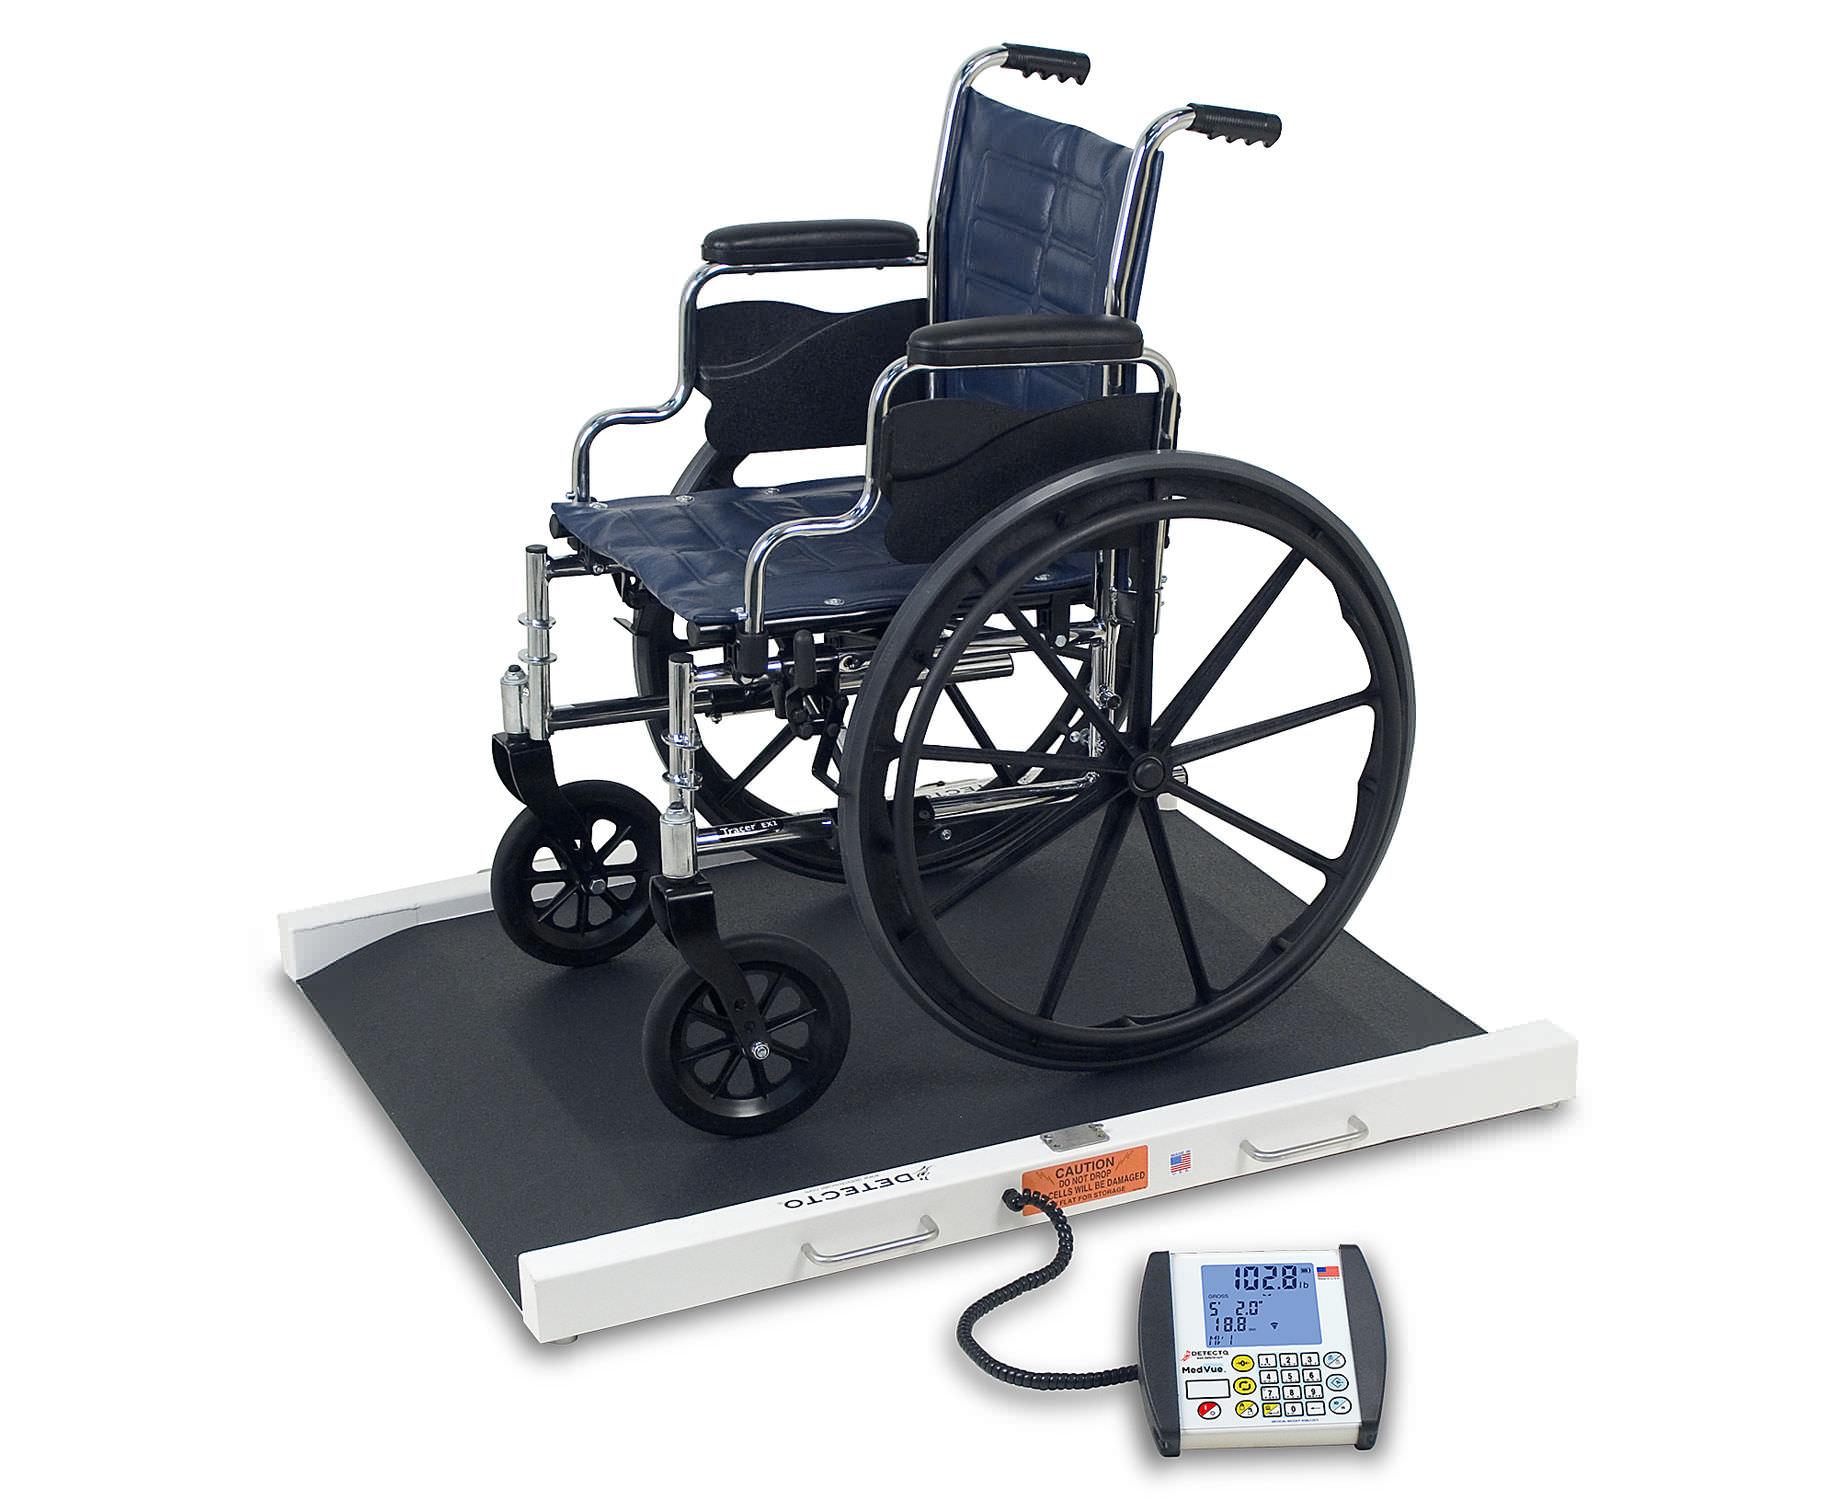 Sedie A Rotelle Per Scale : Piattaforma di pesatura elettronica per sedie a rotelle con